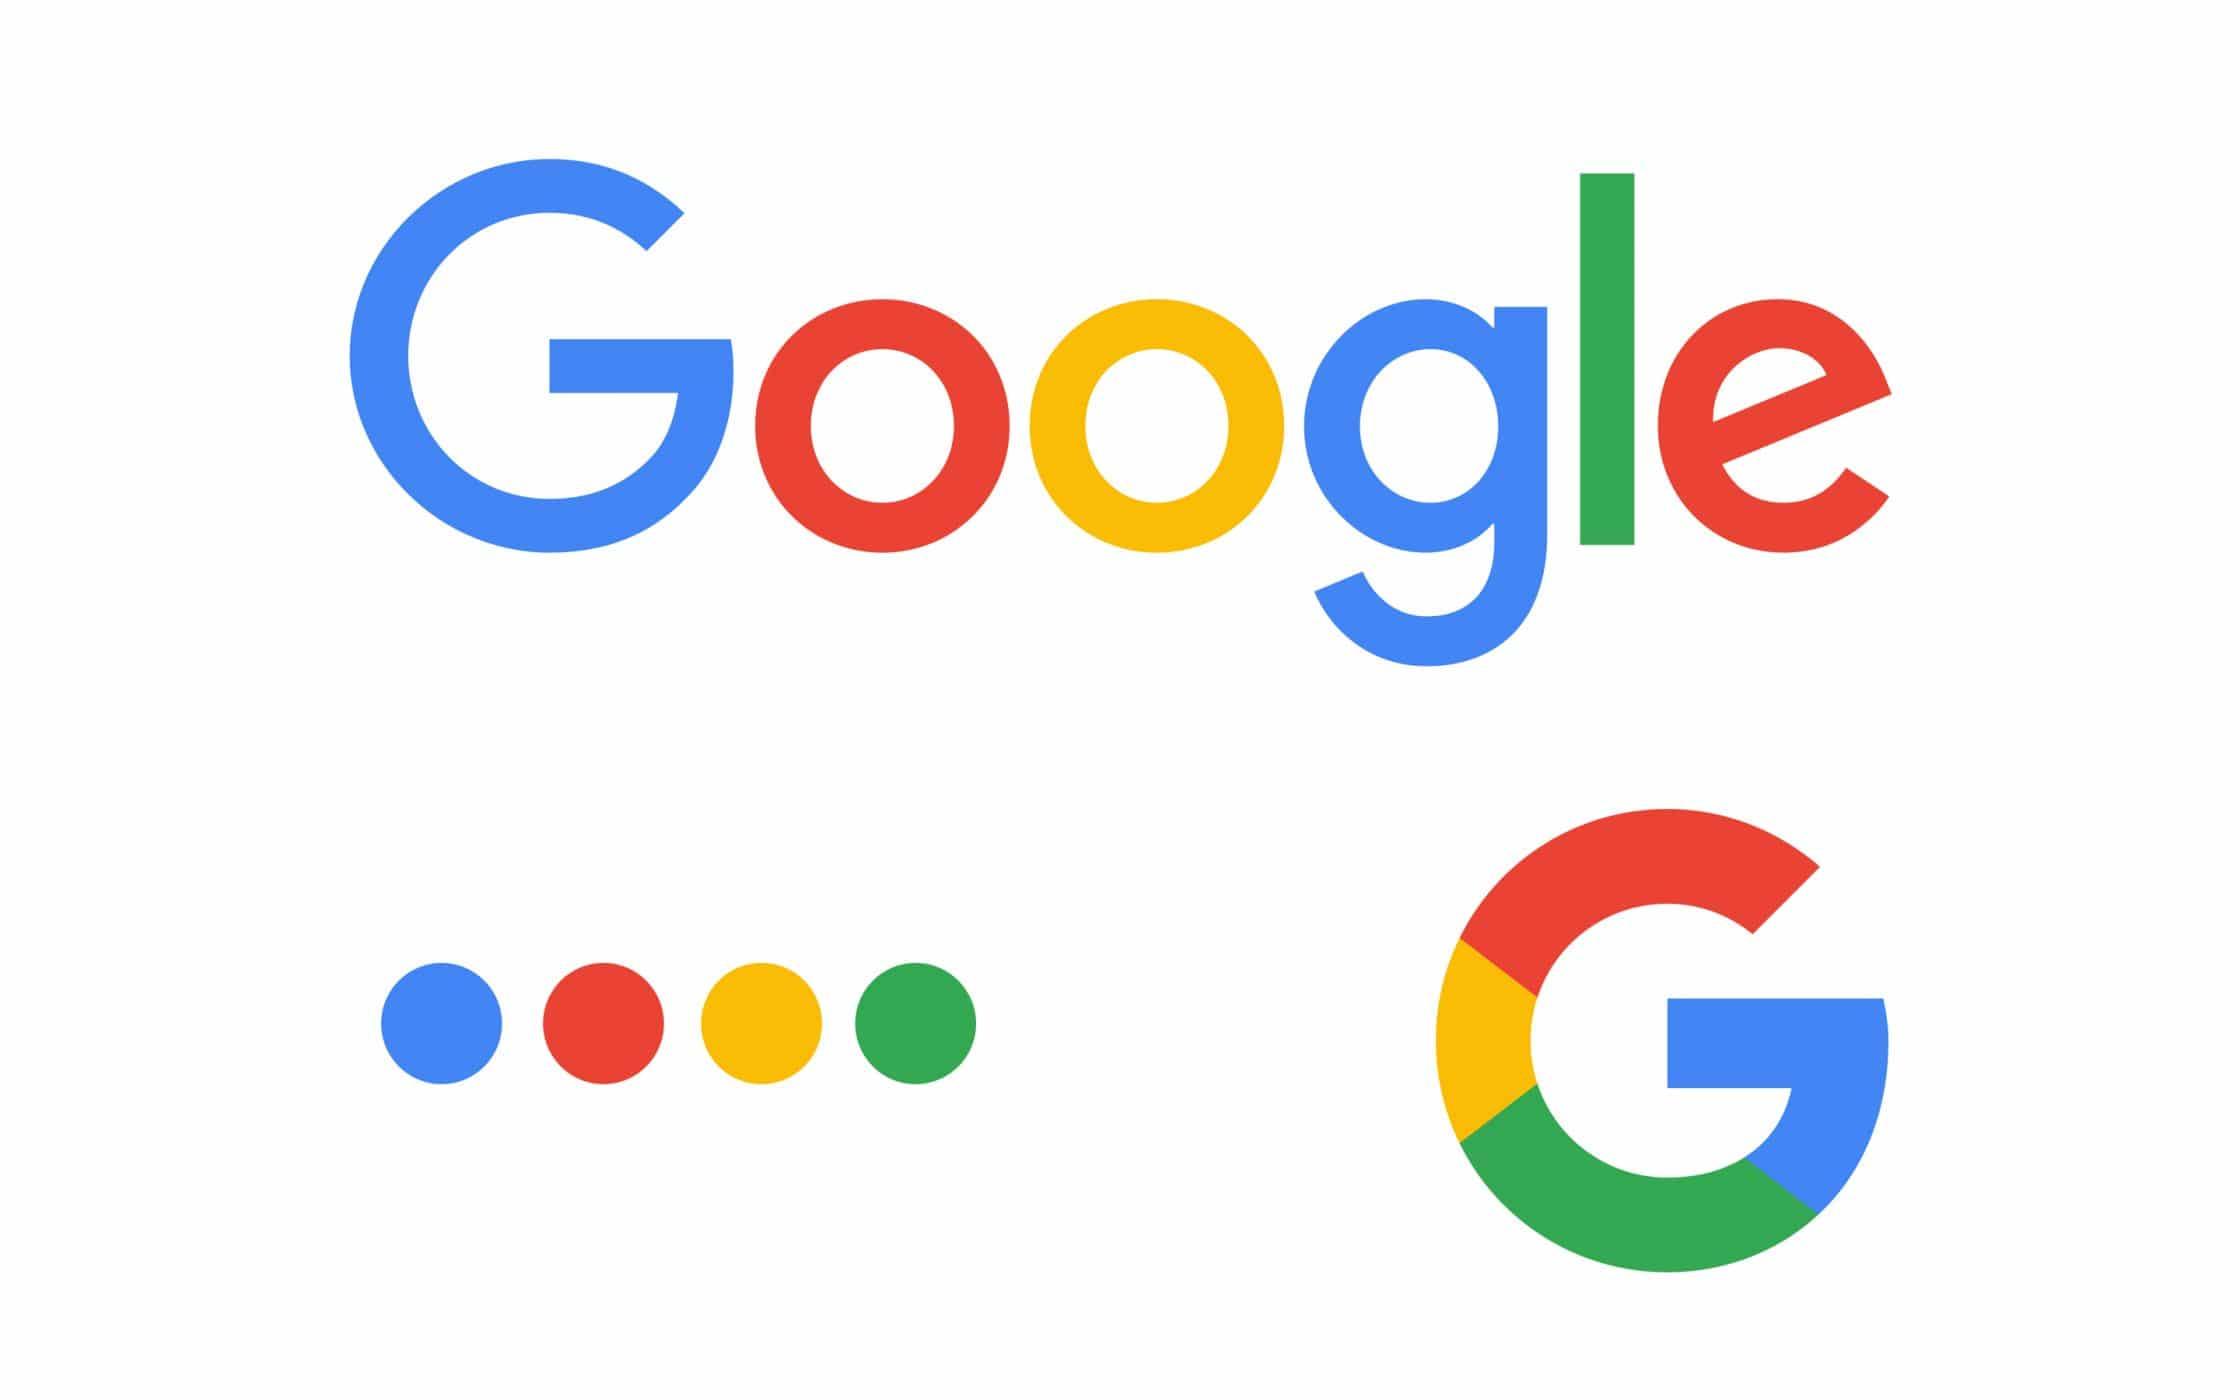 Hướng dẫn thiết kế logo 12